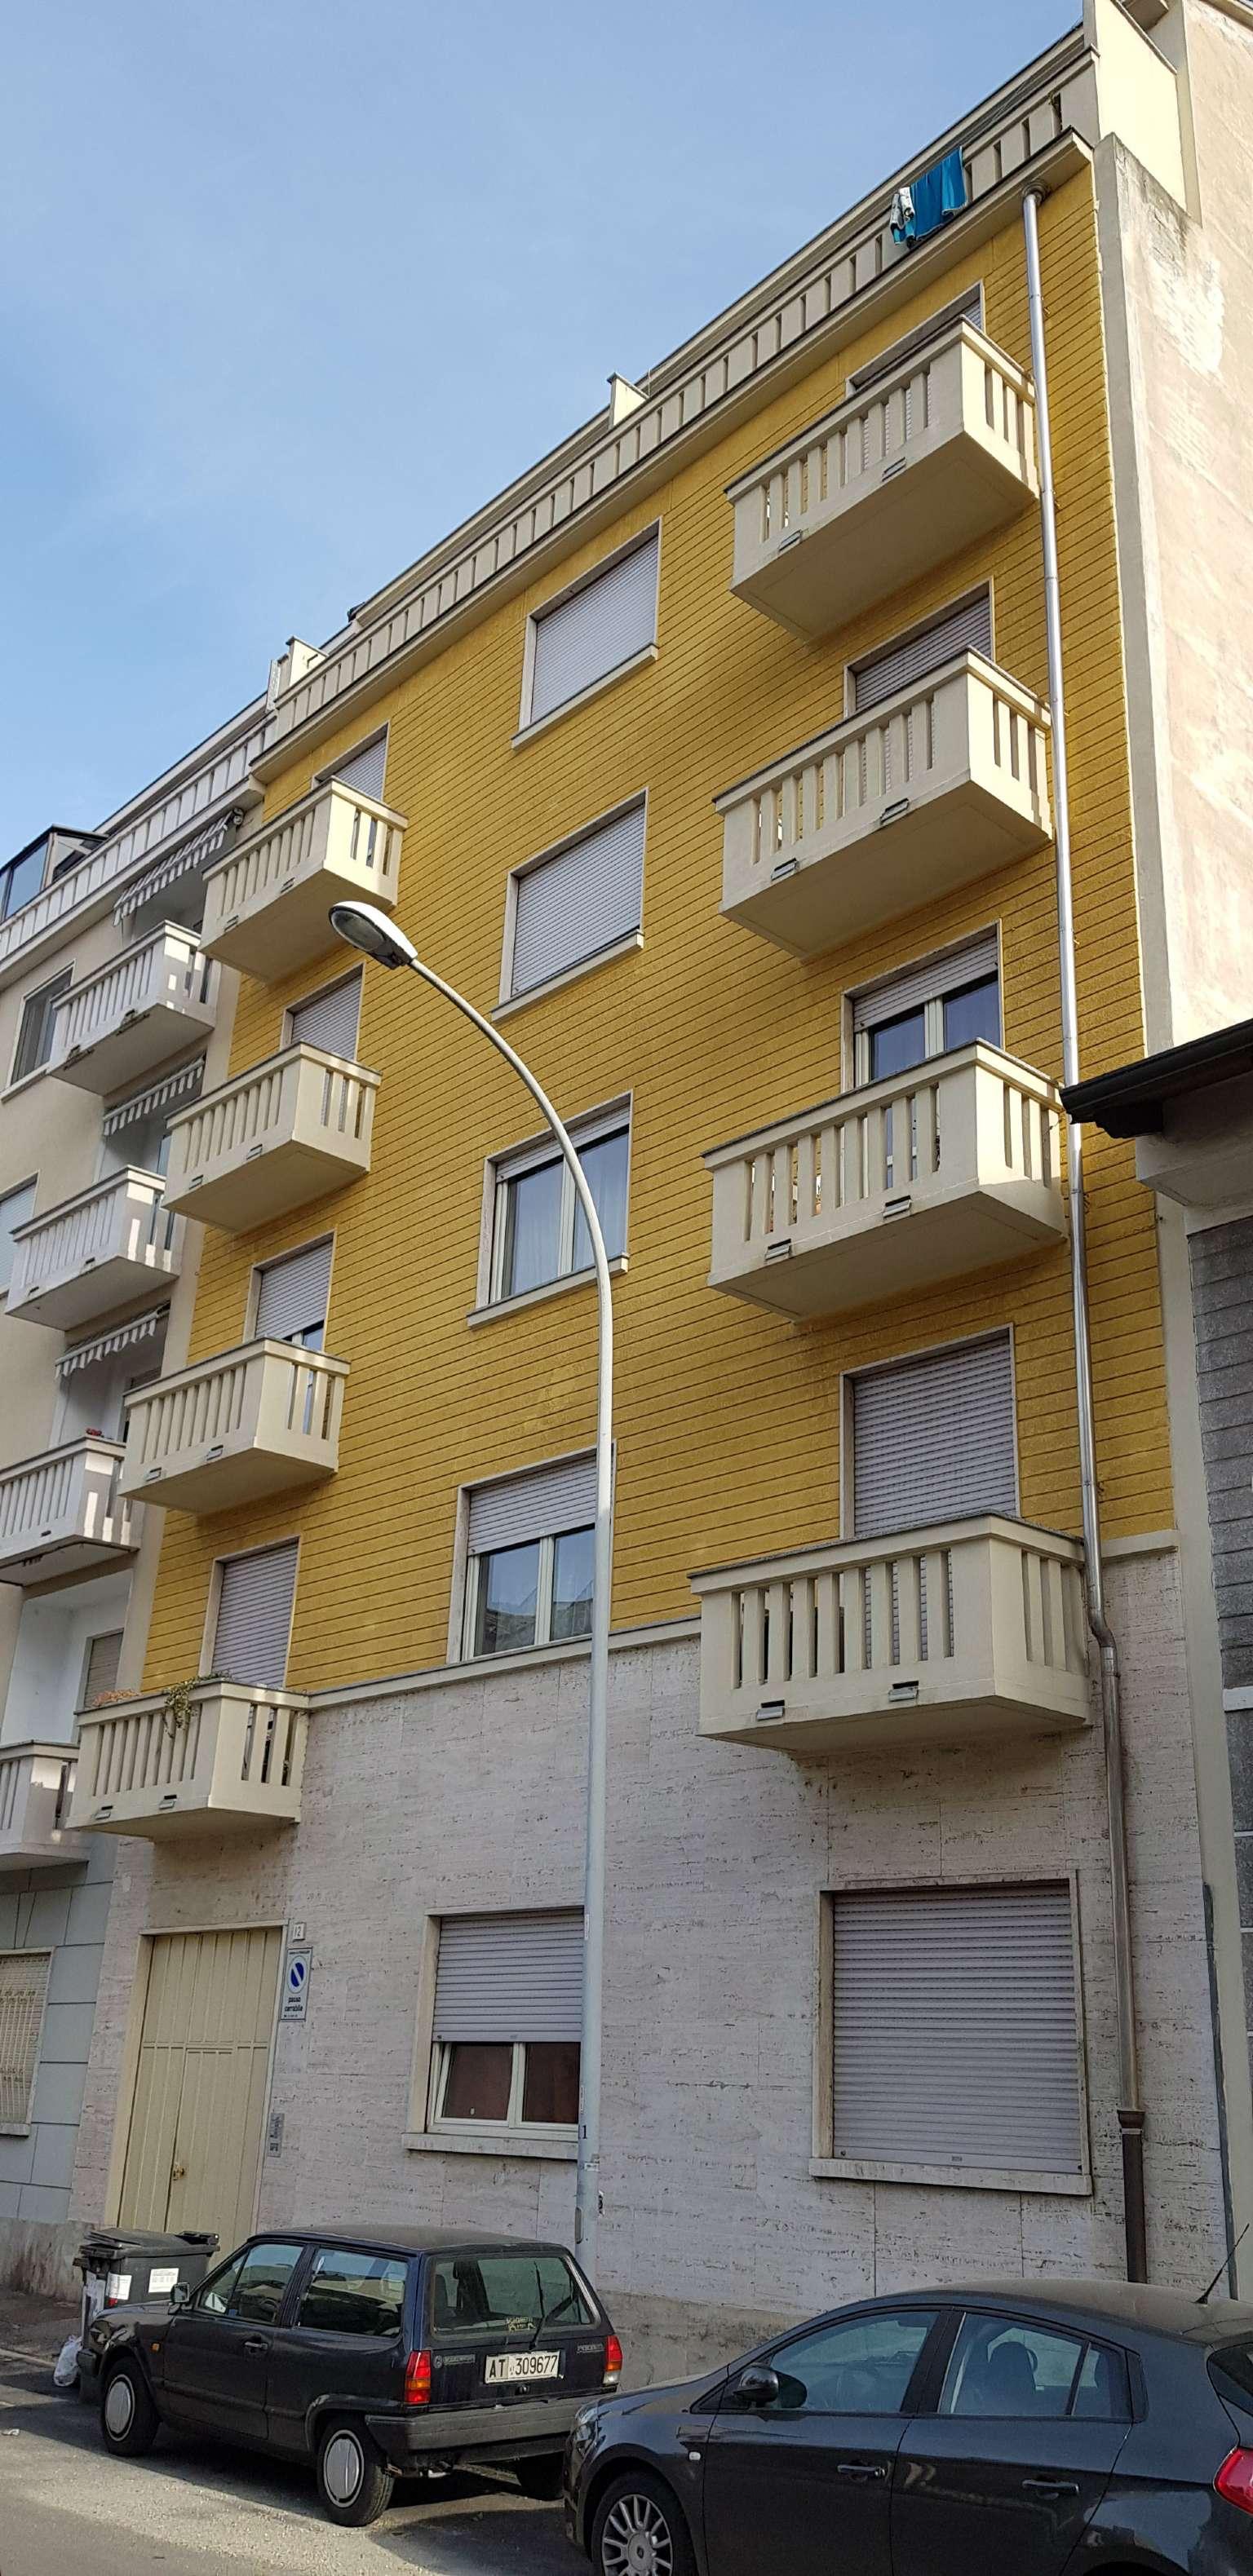 Affitto - Appartamento - Moncalieri - PRESSI CORSO ROMA TRILOCALE CON ASCENSORE EURO 380/MESE